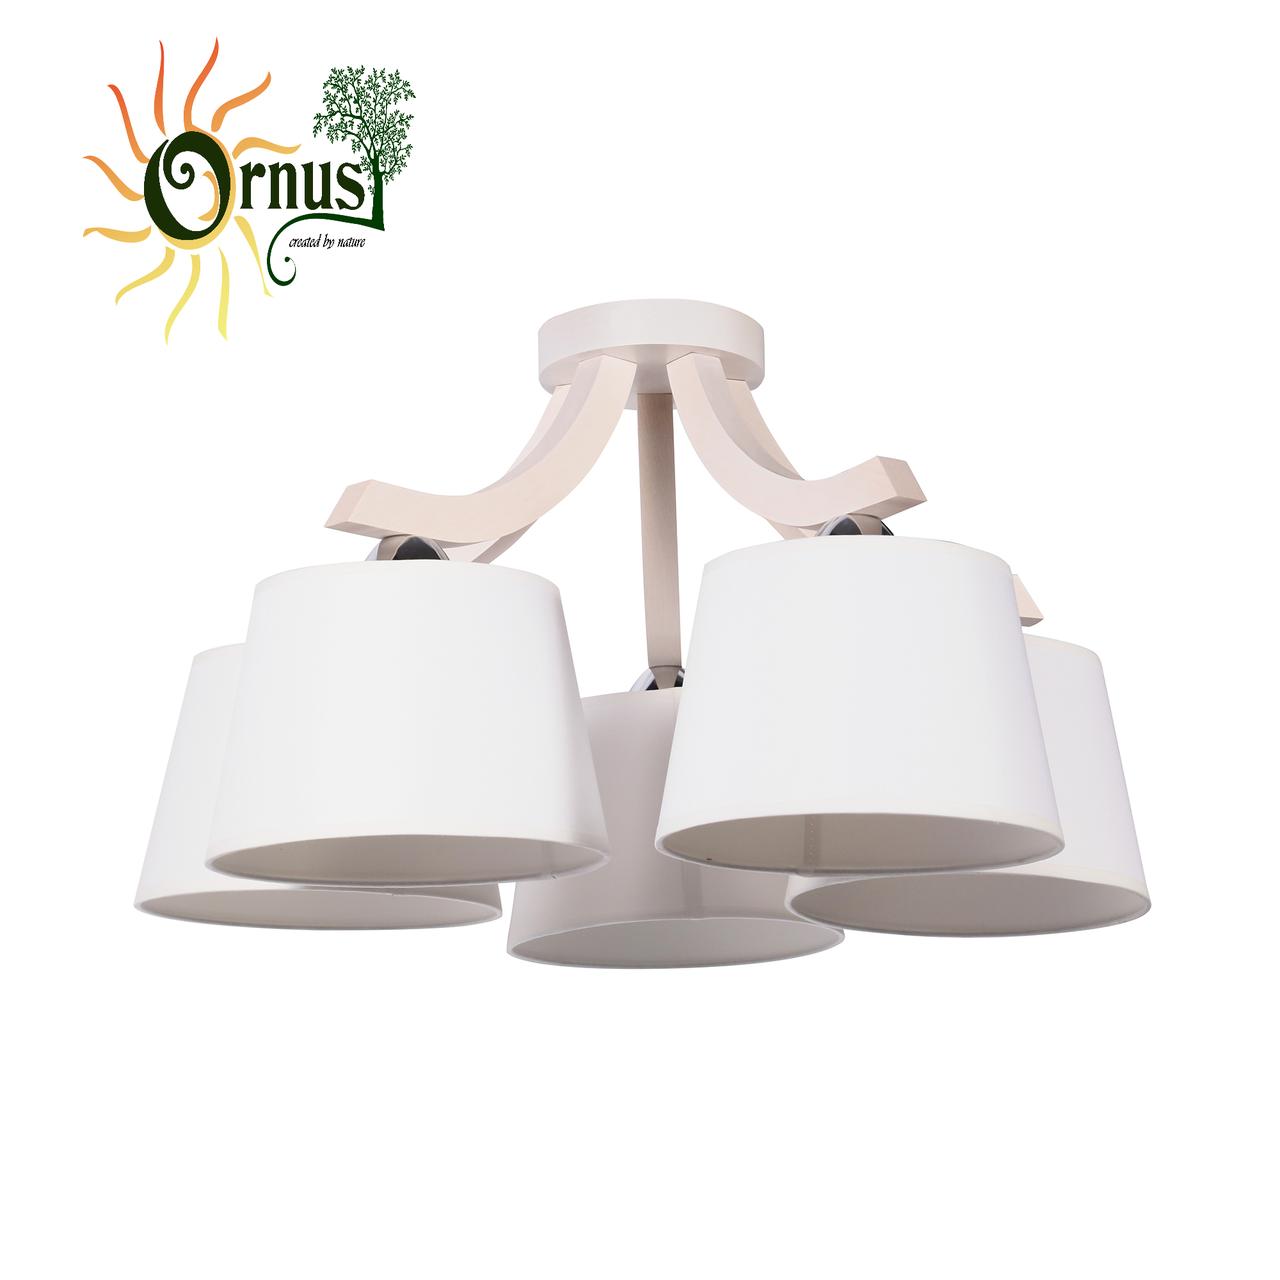 Потолочный светильник ORNUS OS-1974515LW Ecoline дерево/ткань